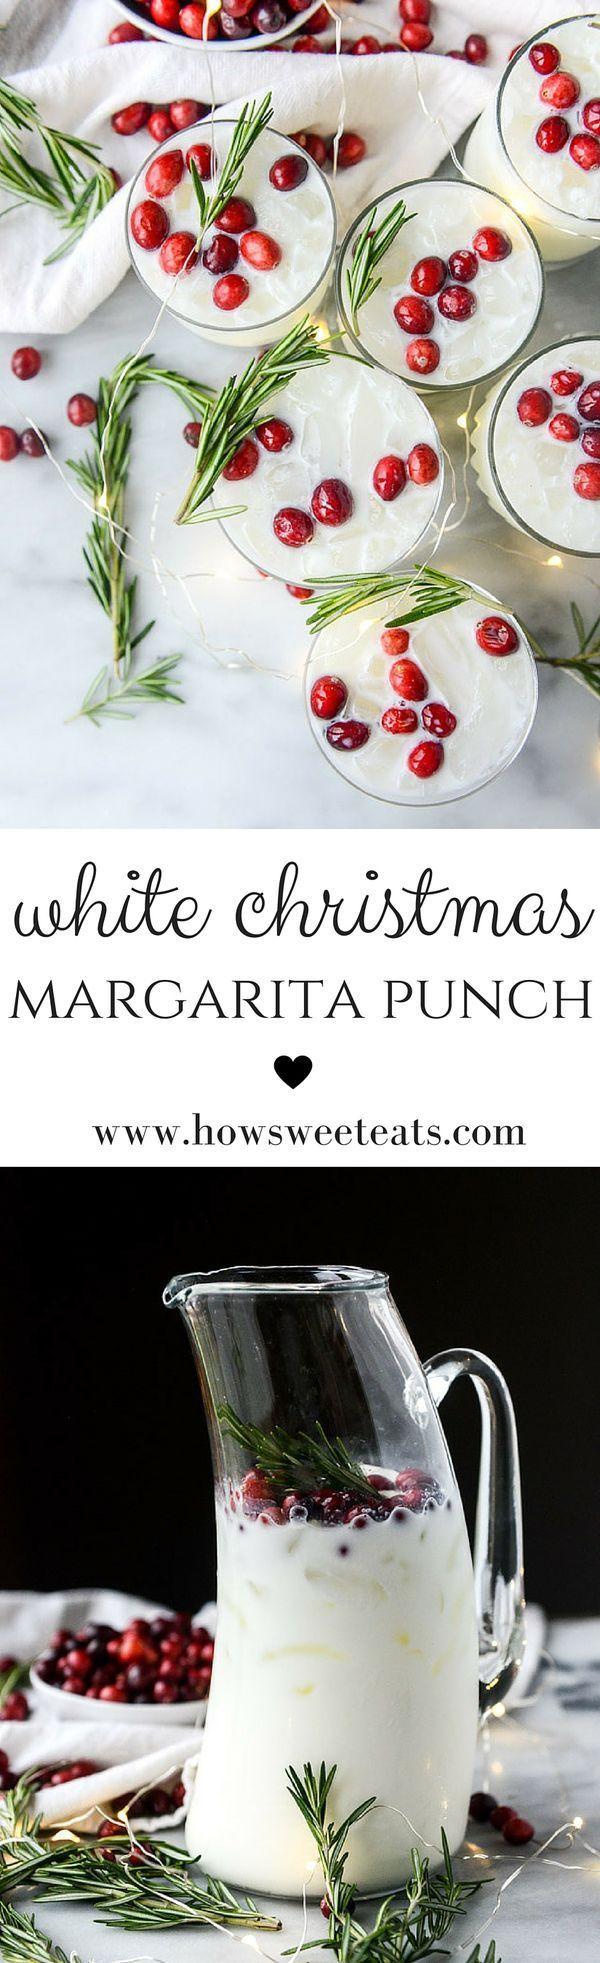 White Christmas Margarita Punch #christmasmargarita